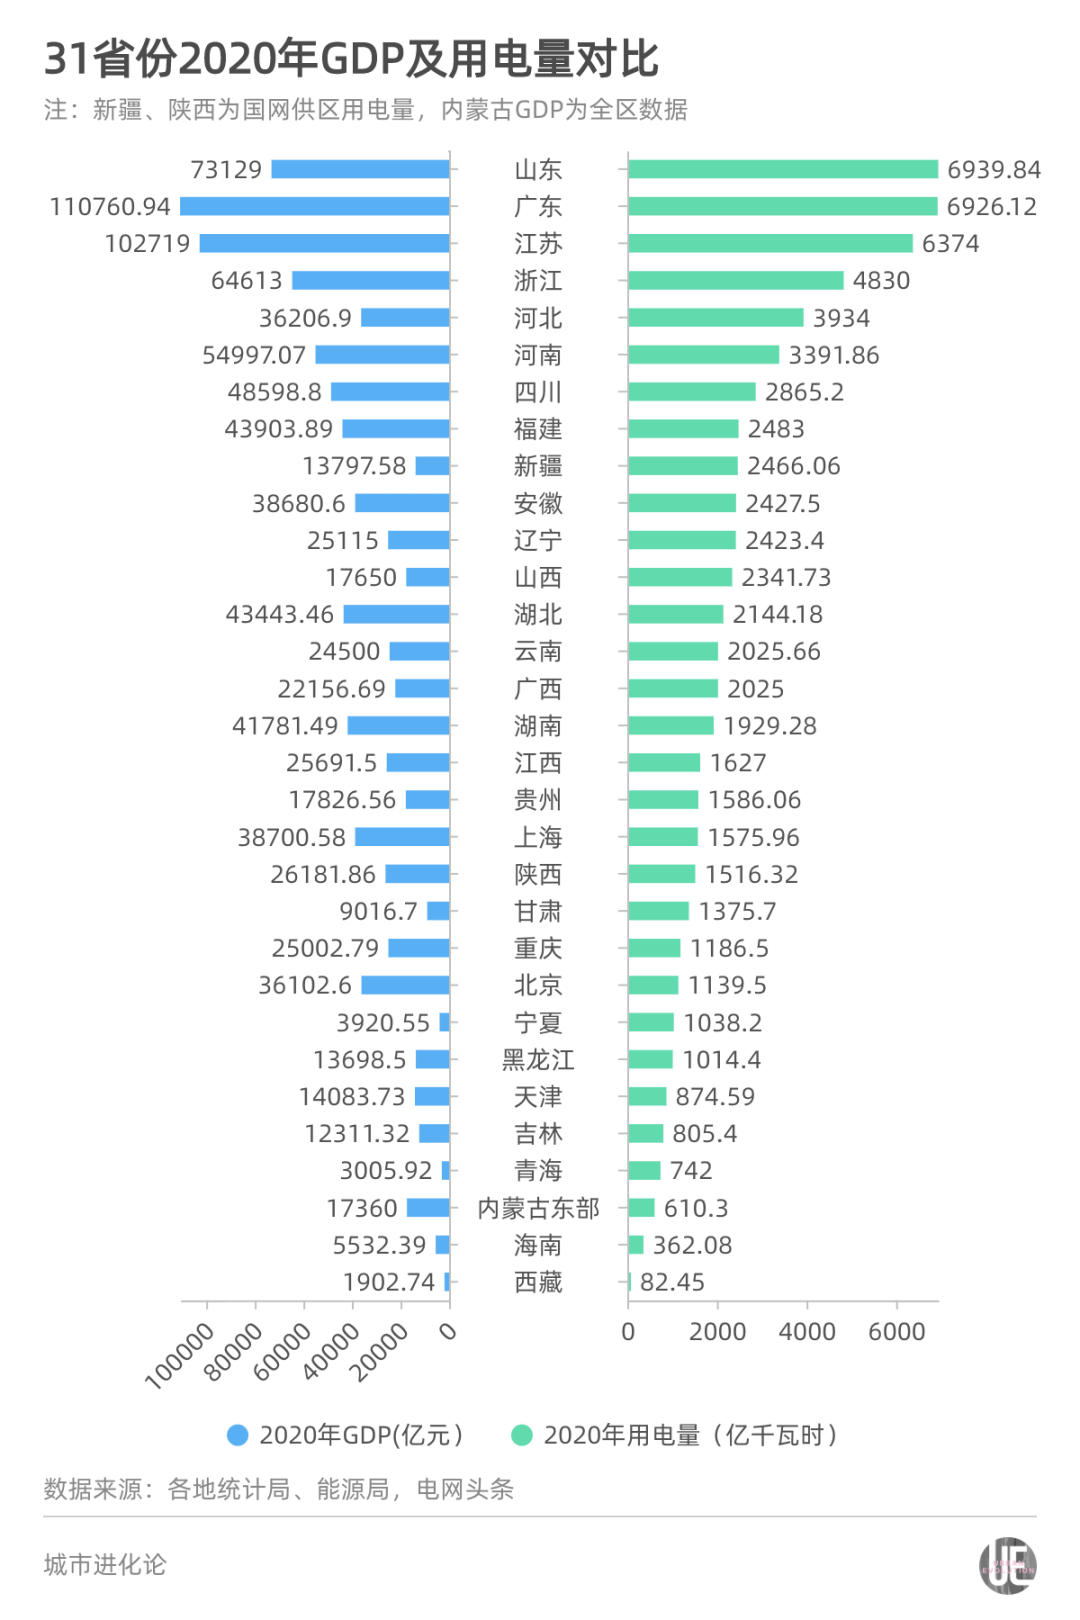 广东11万亿gdp_GDP 广东11万亿,江苏破10万亿,已经超过世界上90 国家的经济体量